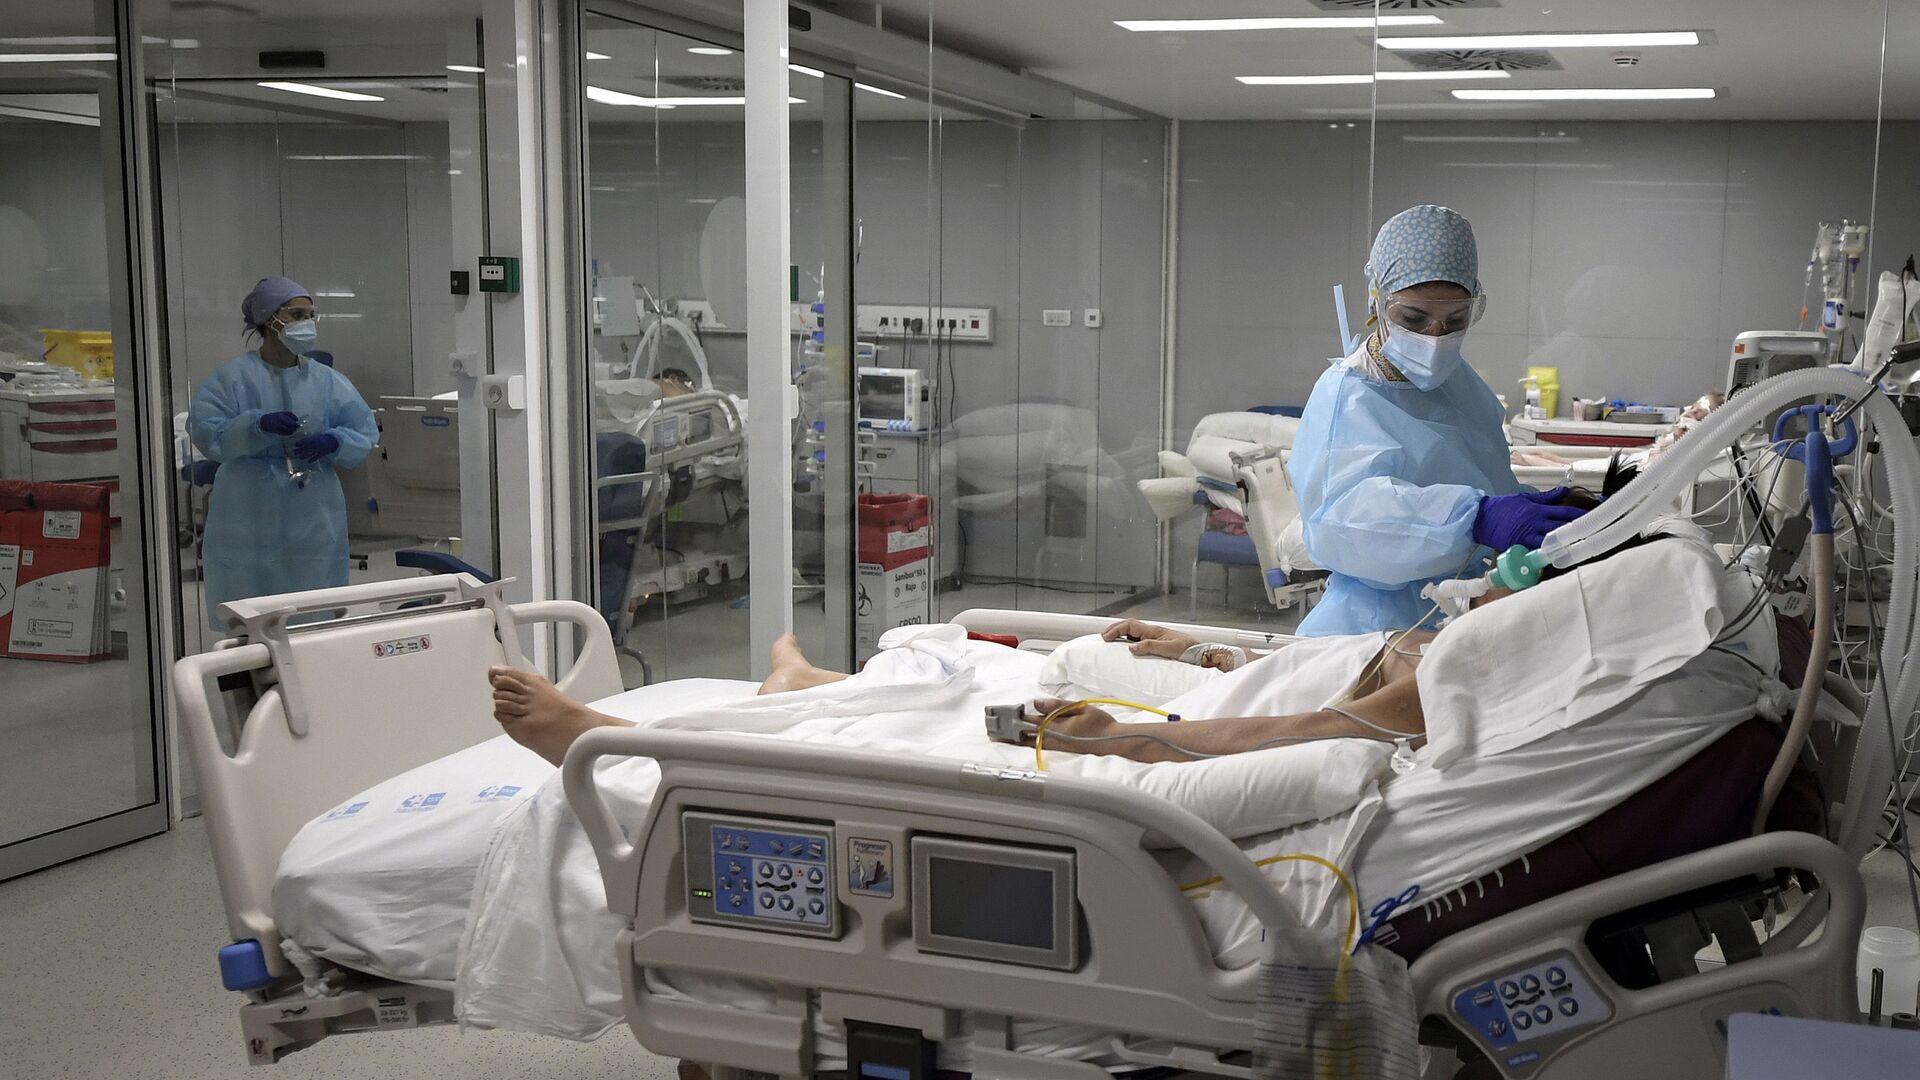 Una enfermera cuida de un paciente en el Hospital Zendal de Madrid - Sputnik Mundo, 1920, 02.02.2021